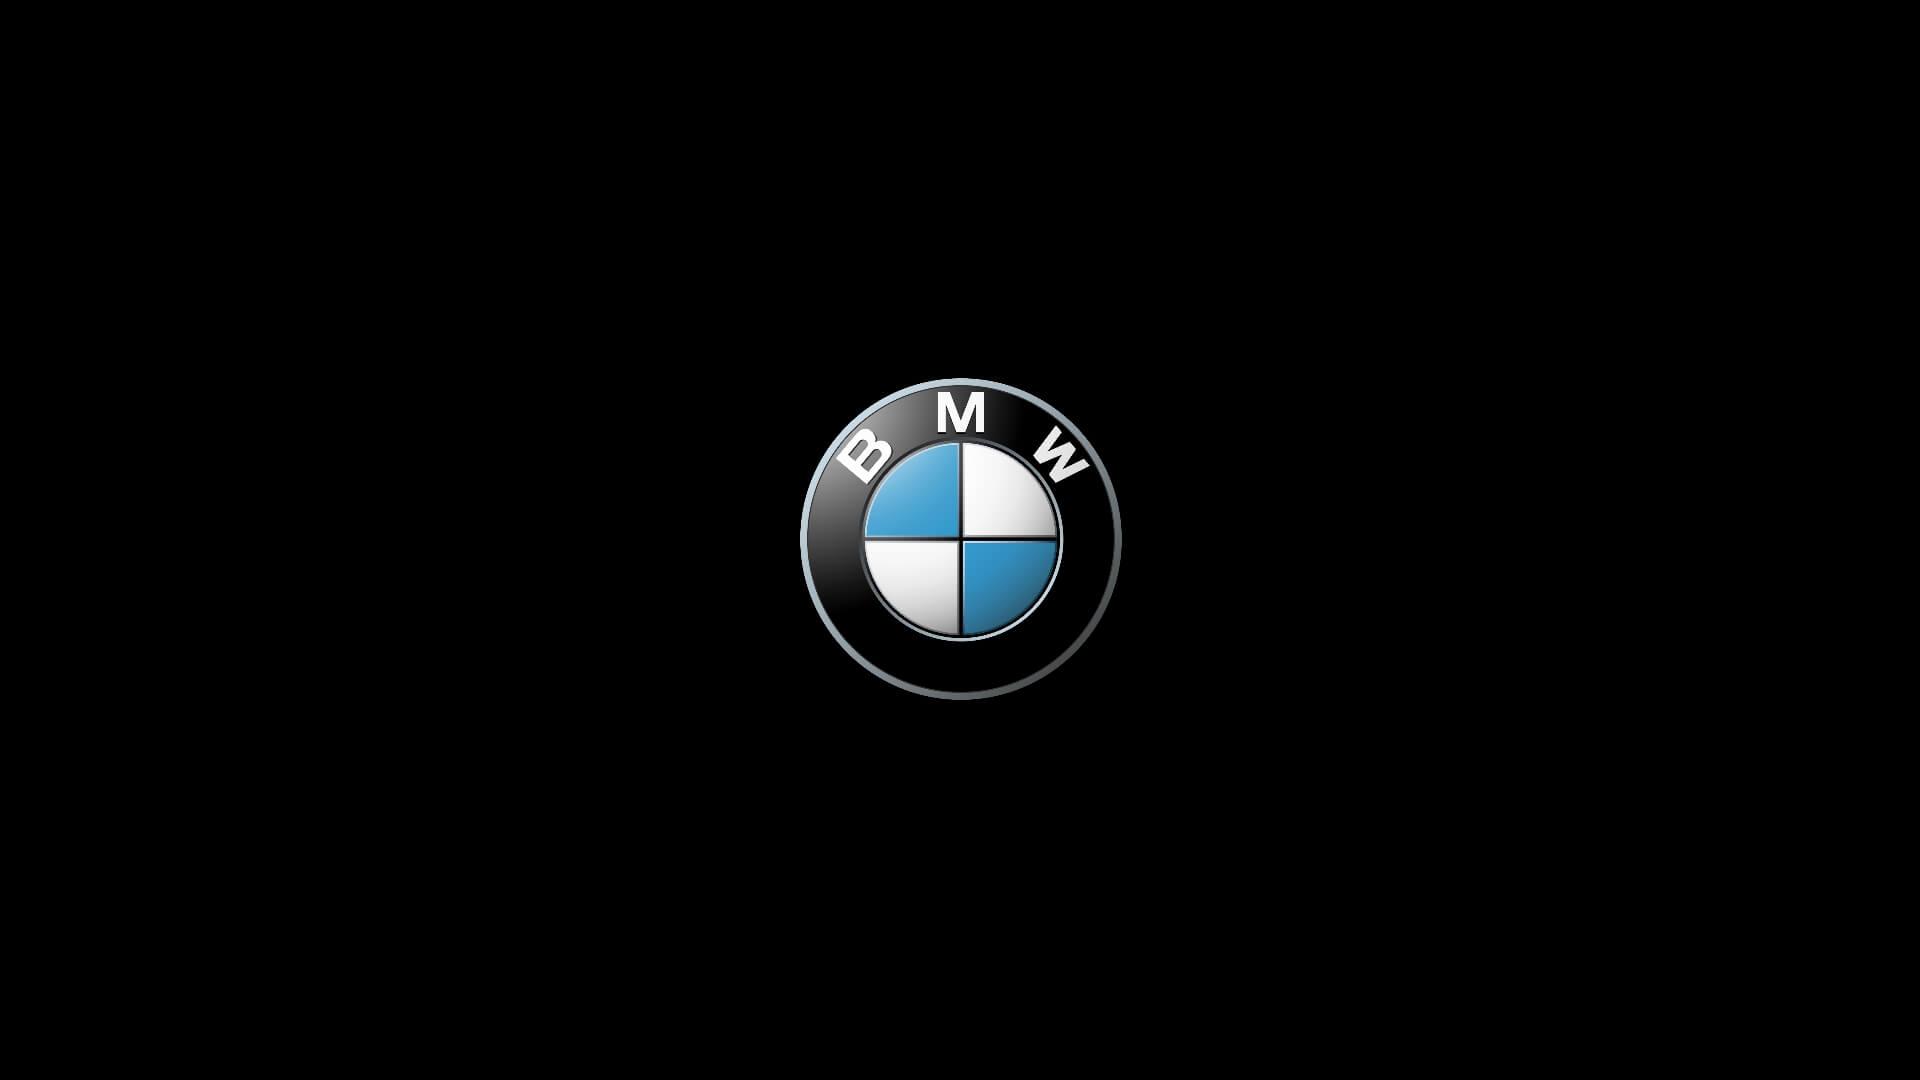 BMW'nun Başarı Hikayesi